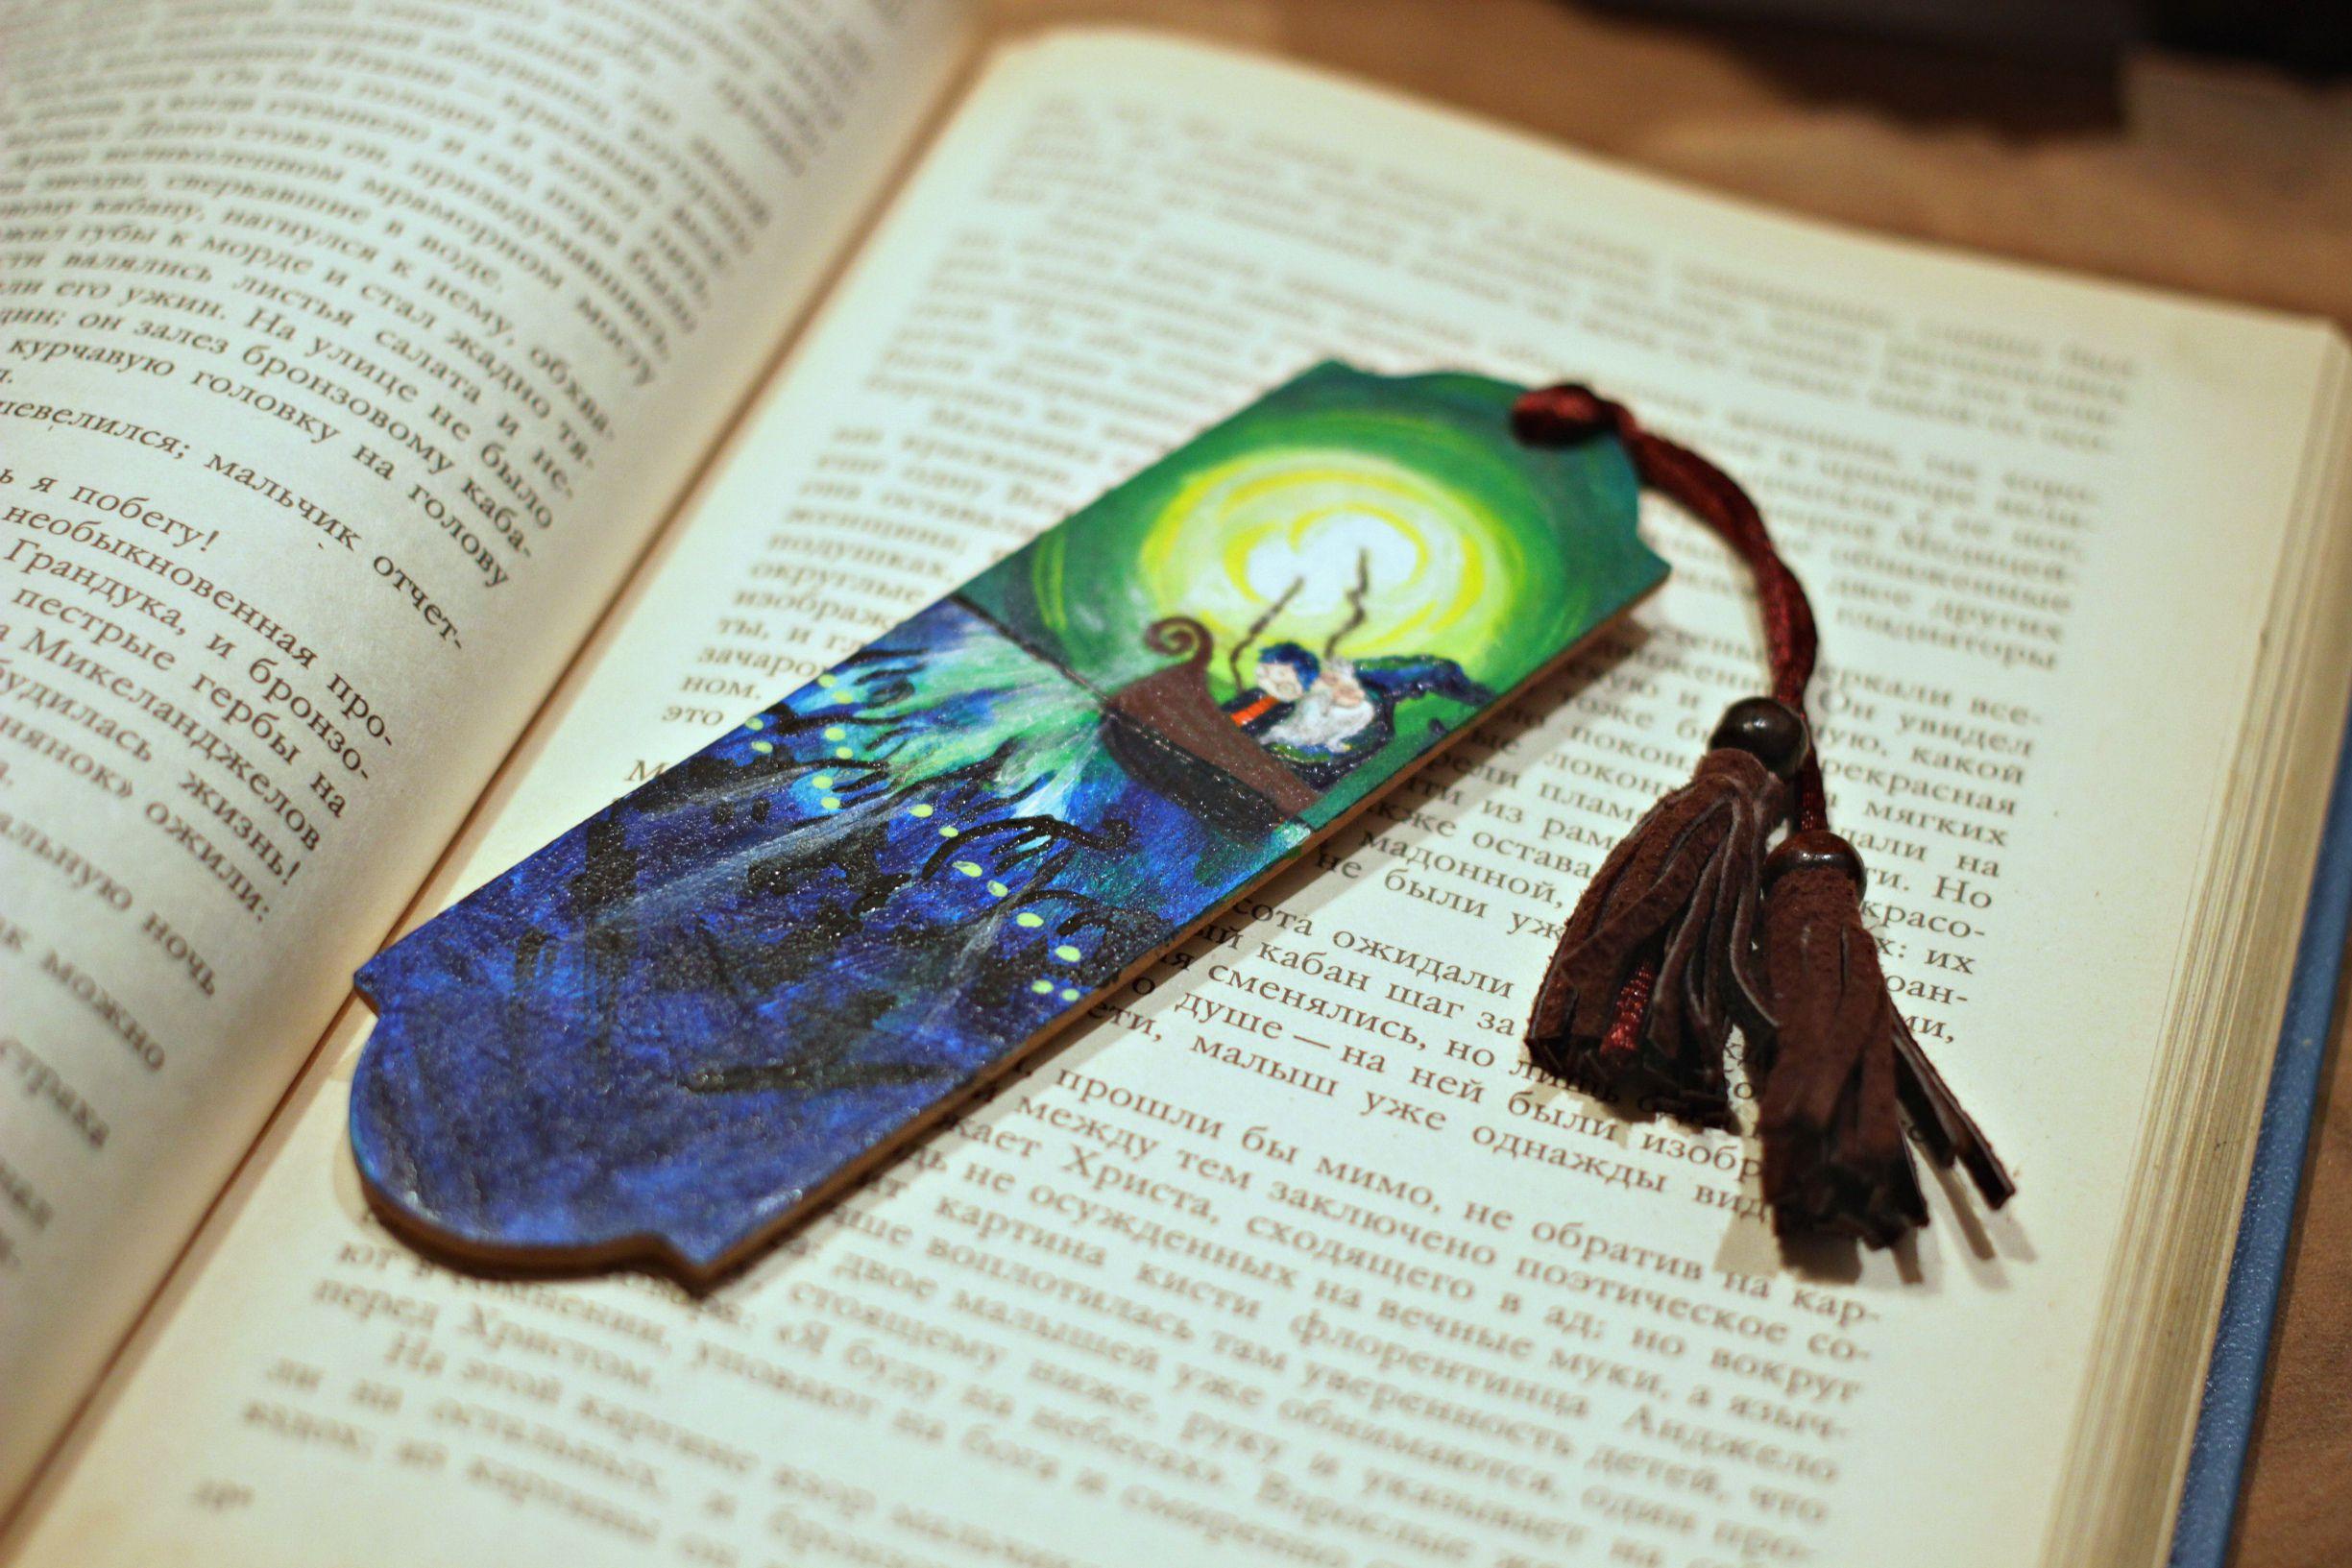 роспись ручная девочки маме все мальчика книги для книголюбу работа учителю выжигание деревянная другу случаи девушке закладка подарок